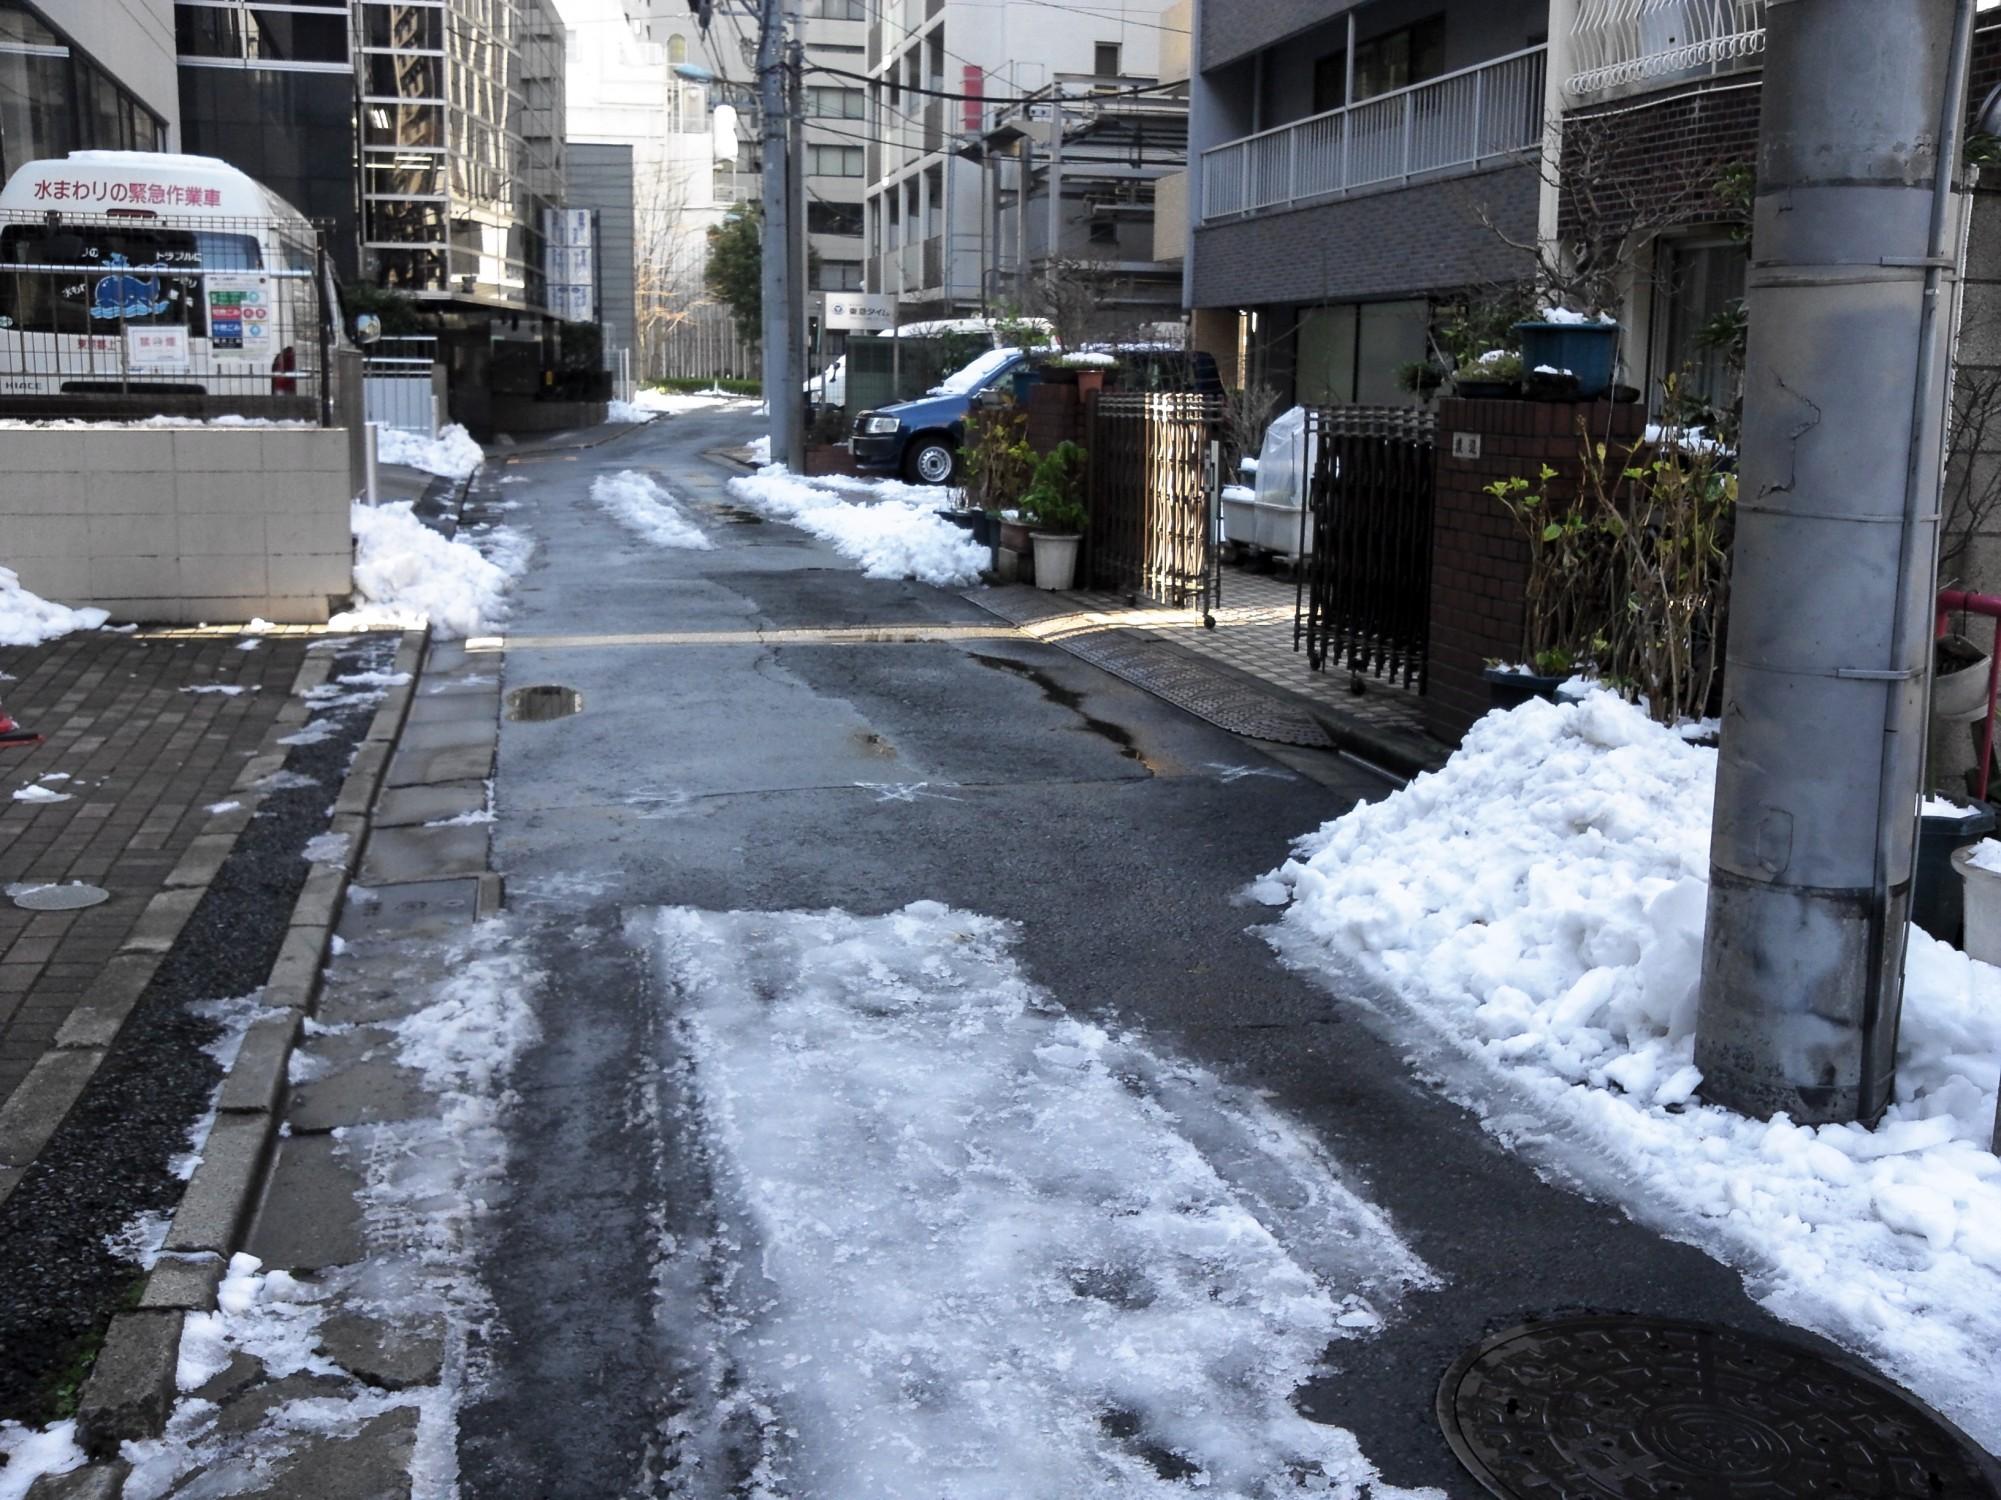 雪という災害(東京渋谷の雪どけ風景)